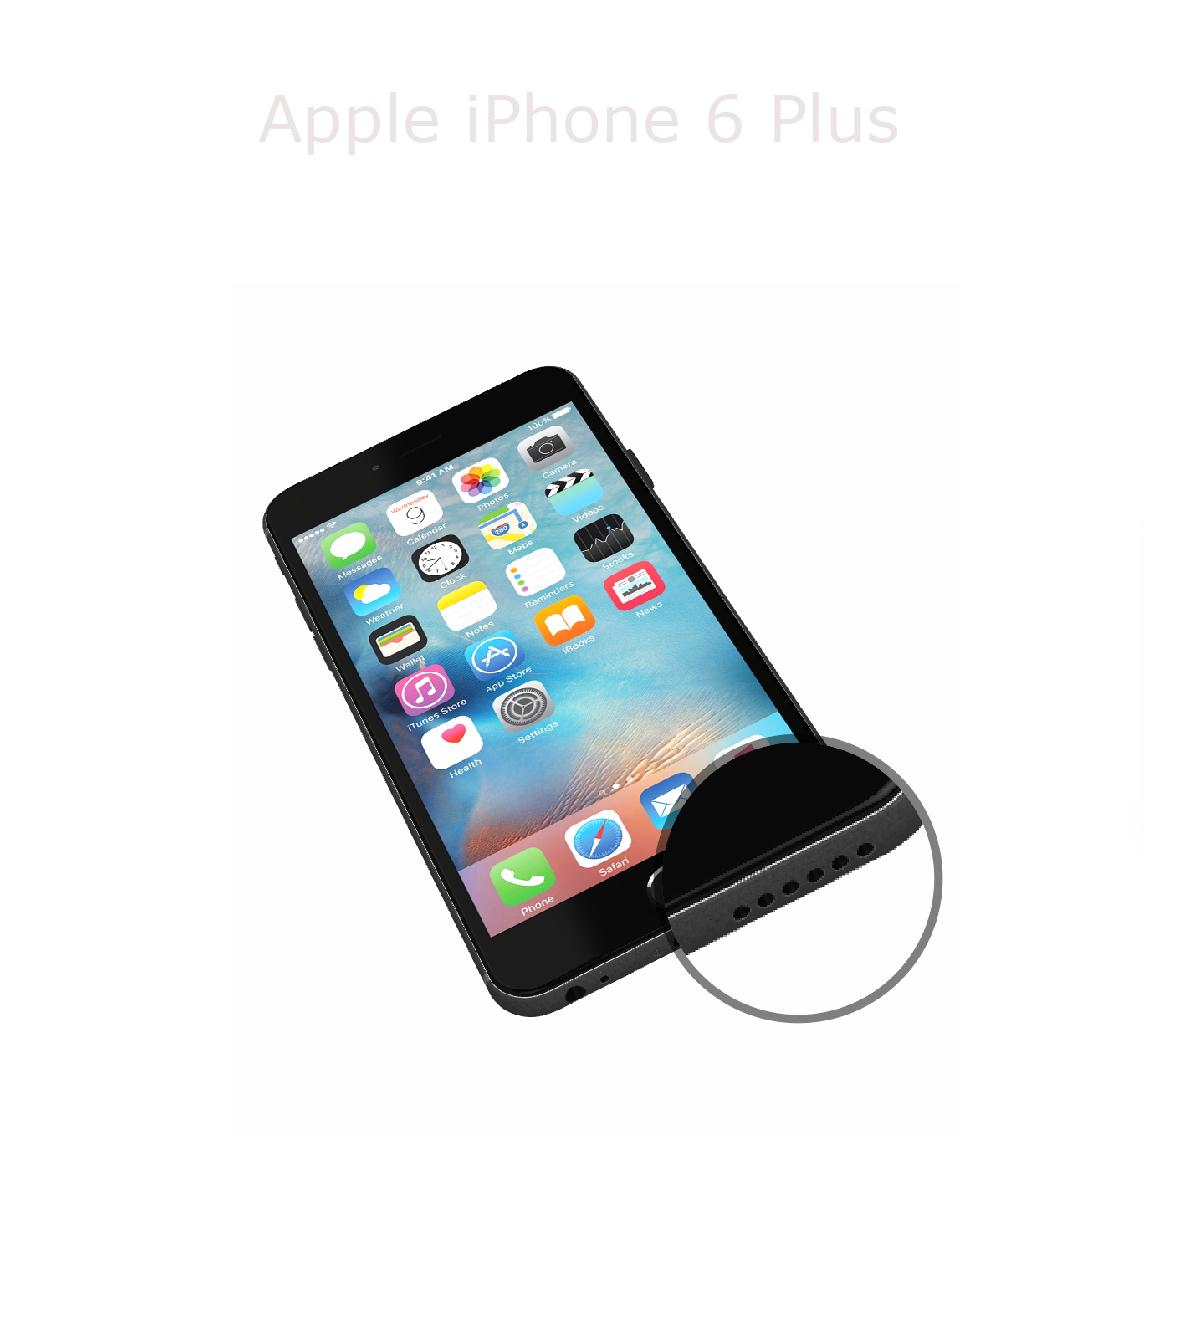 Laga högtalare iPhone 6 plus